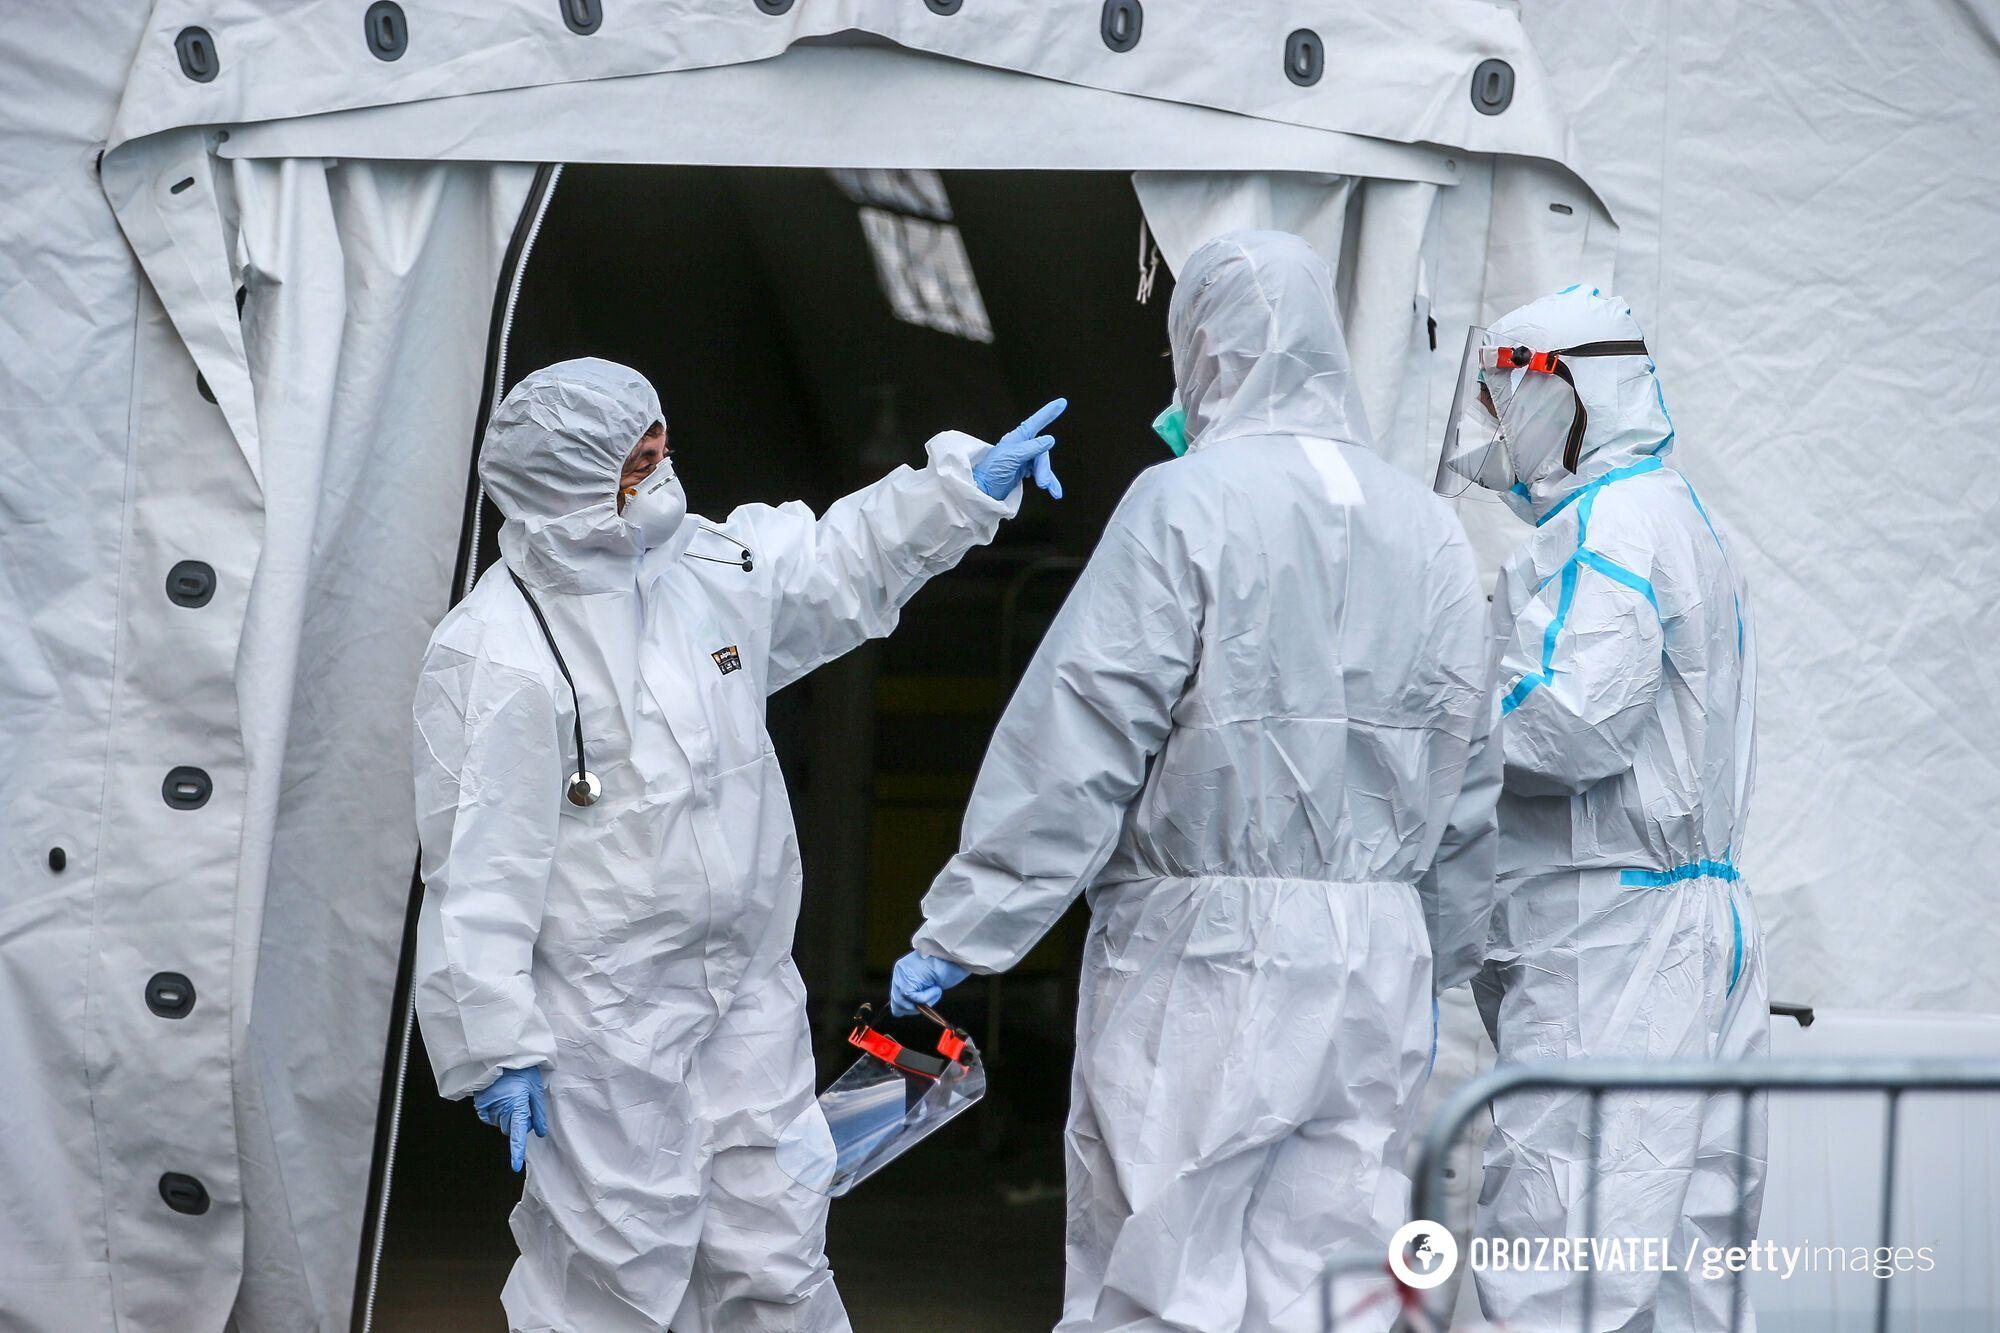 Нові штами коронавірусу не призведуть до катастрофи для щеплених.